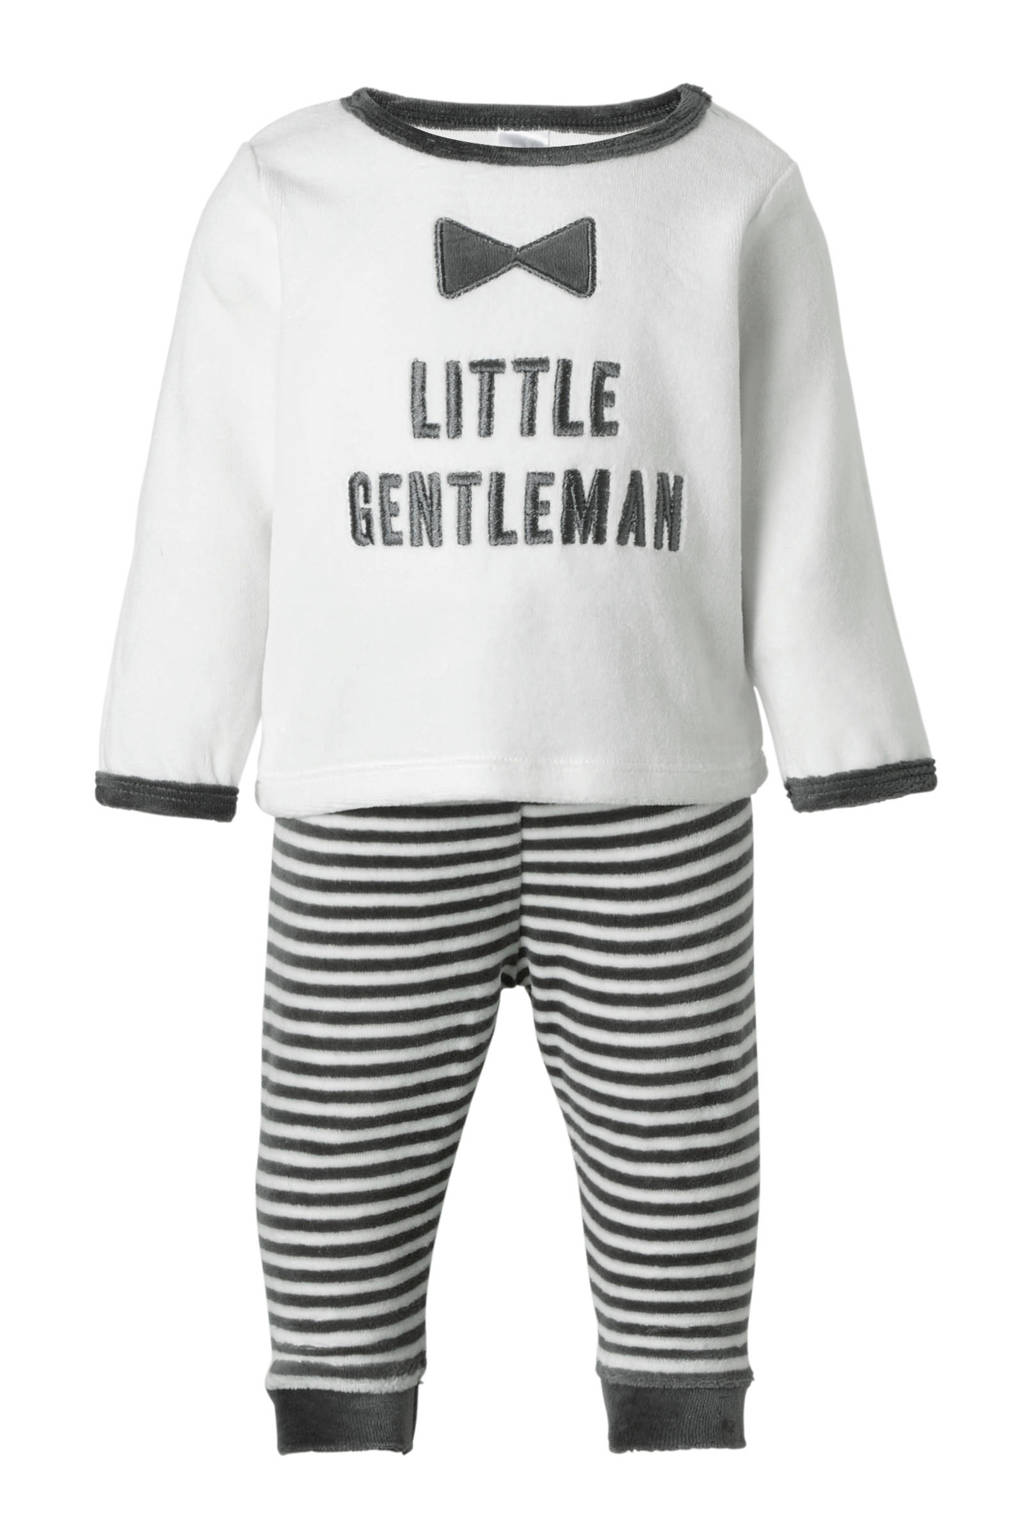 C&A Baby Club   velour pyjama met tekst en strepen, Wit/grijs